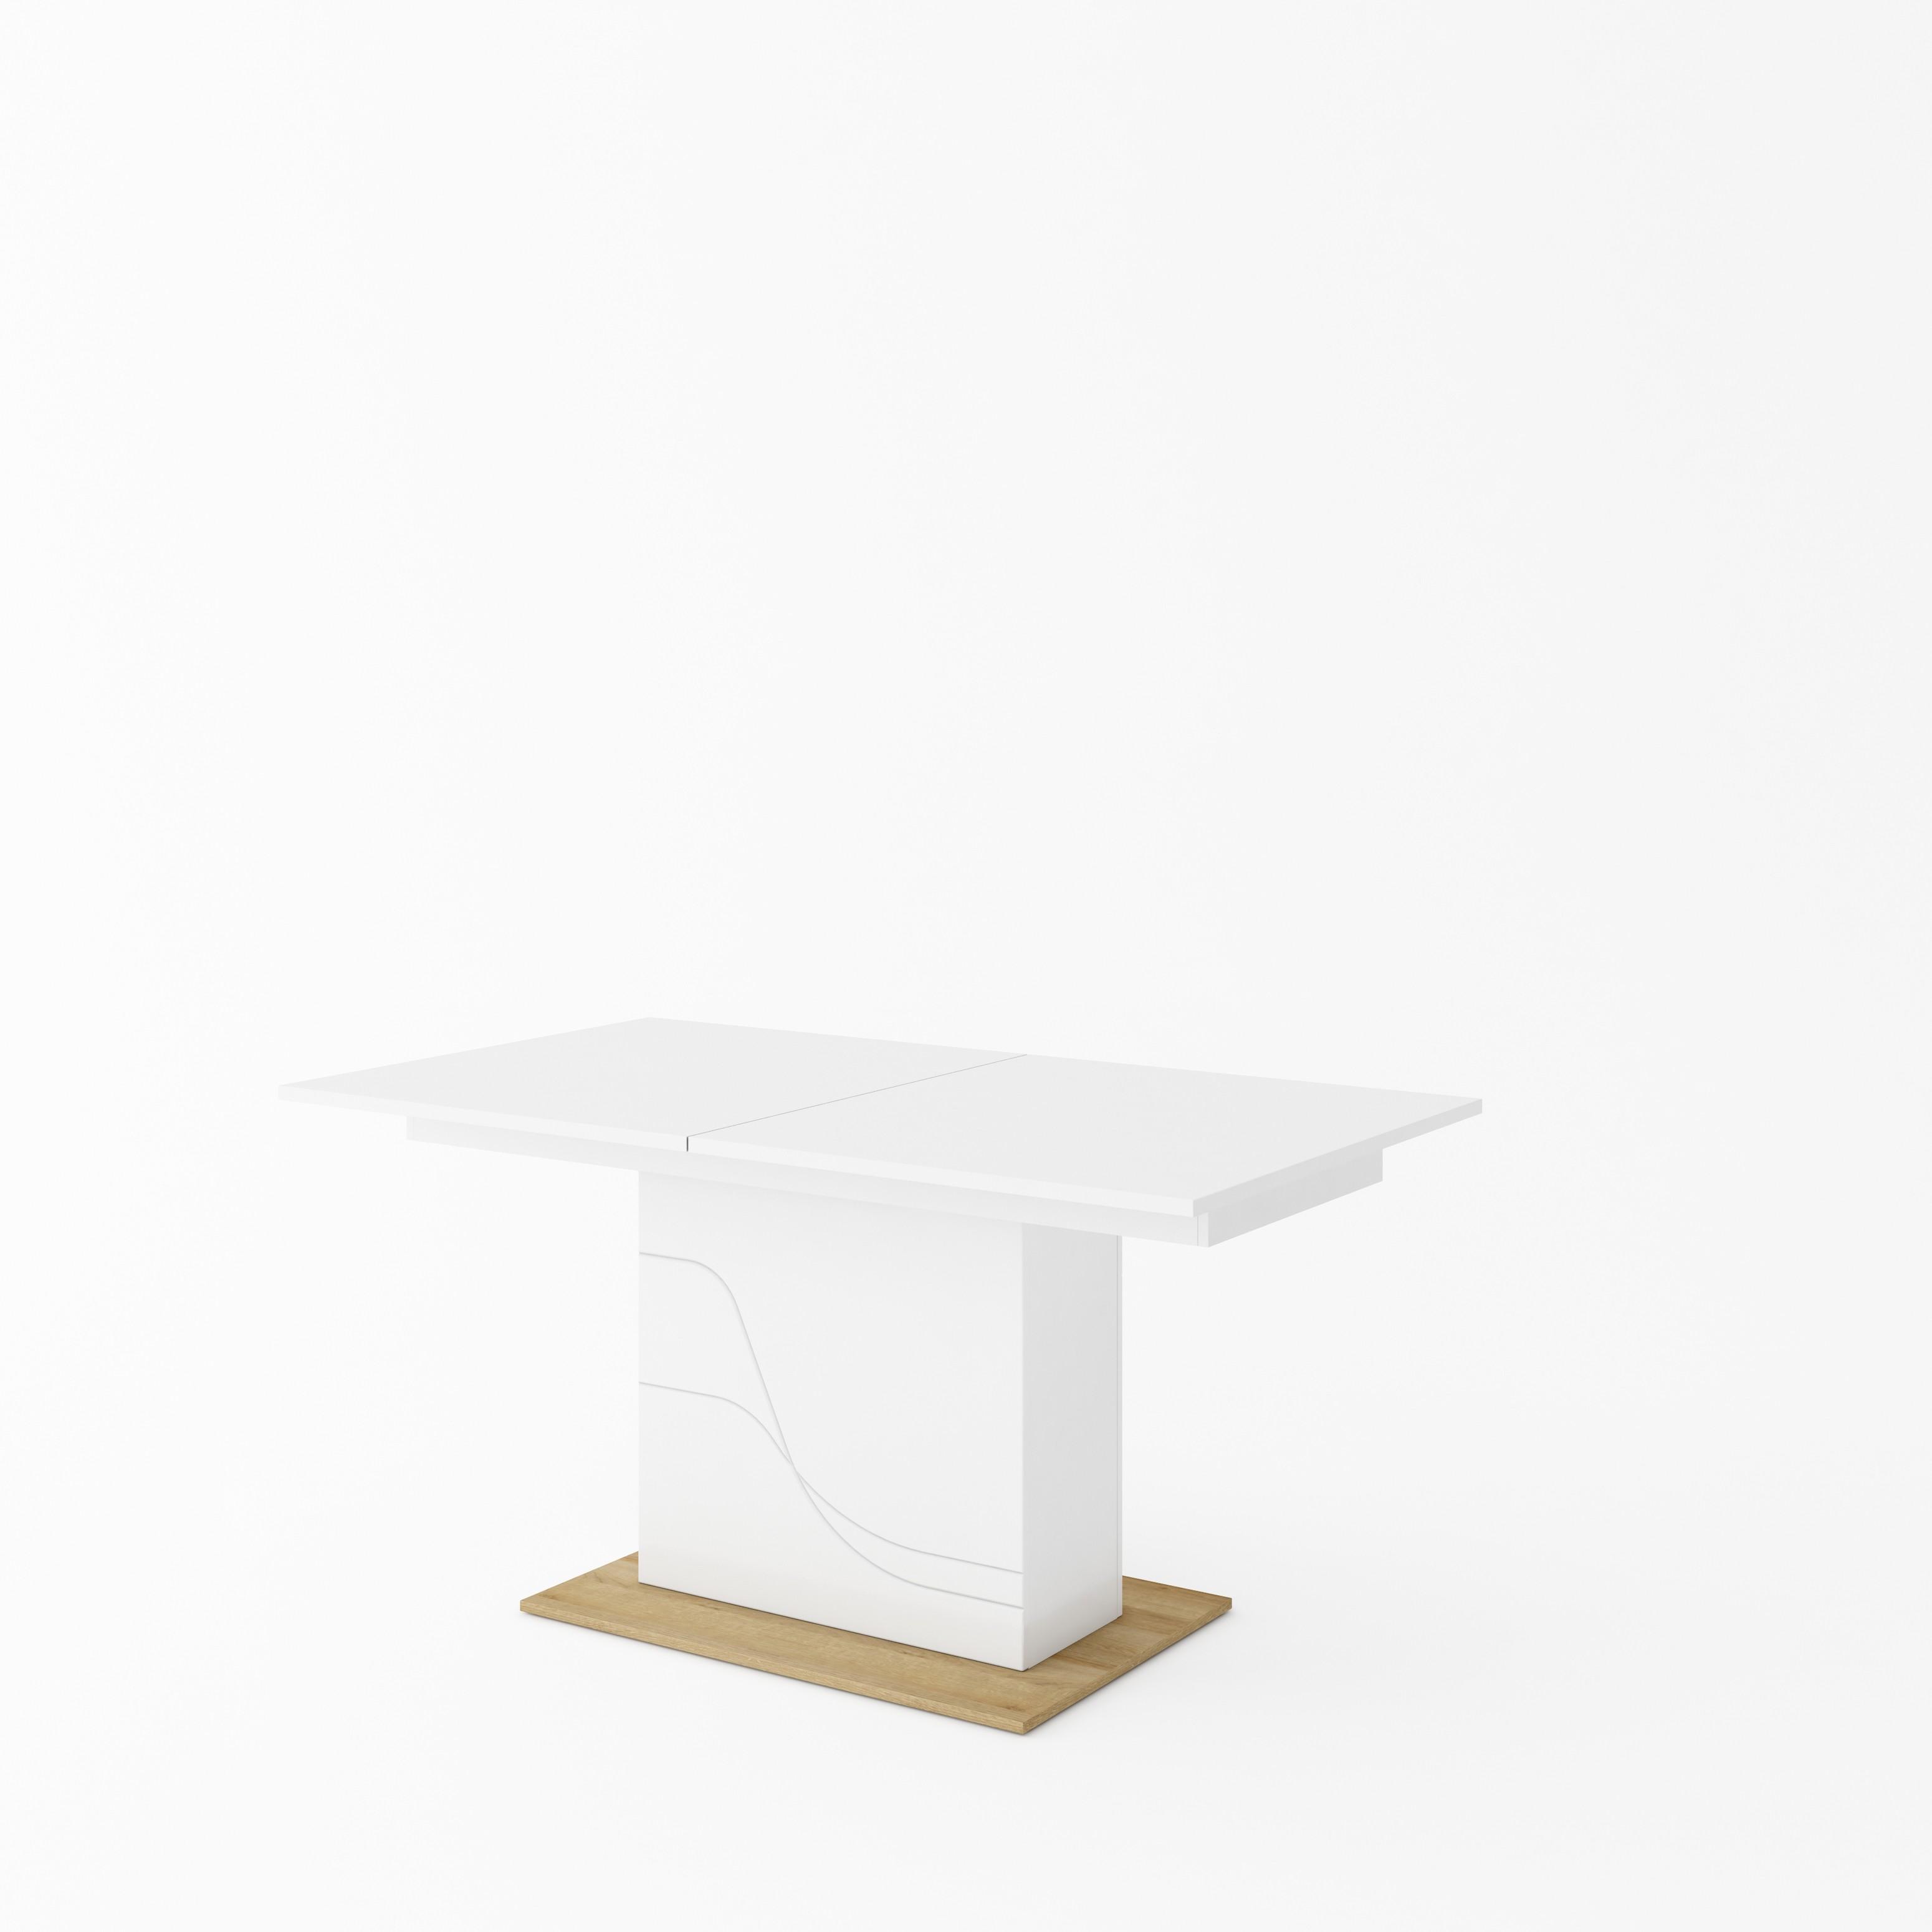 Möbel-Set, ausziehbarer Tisch